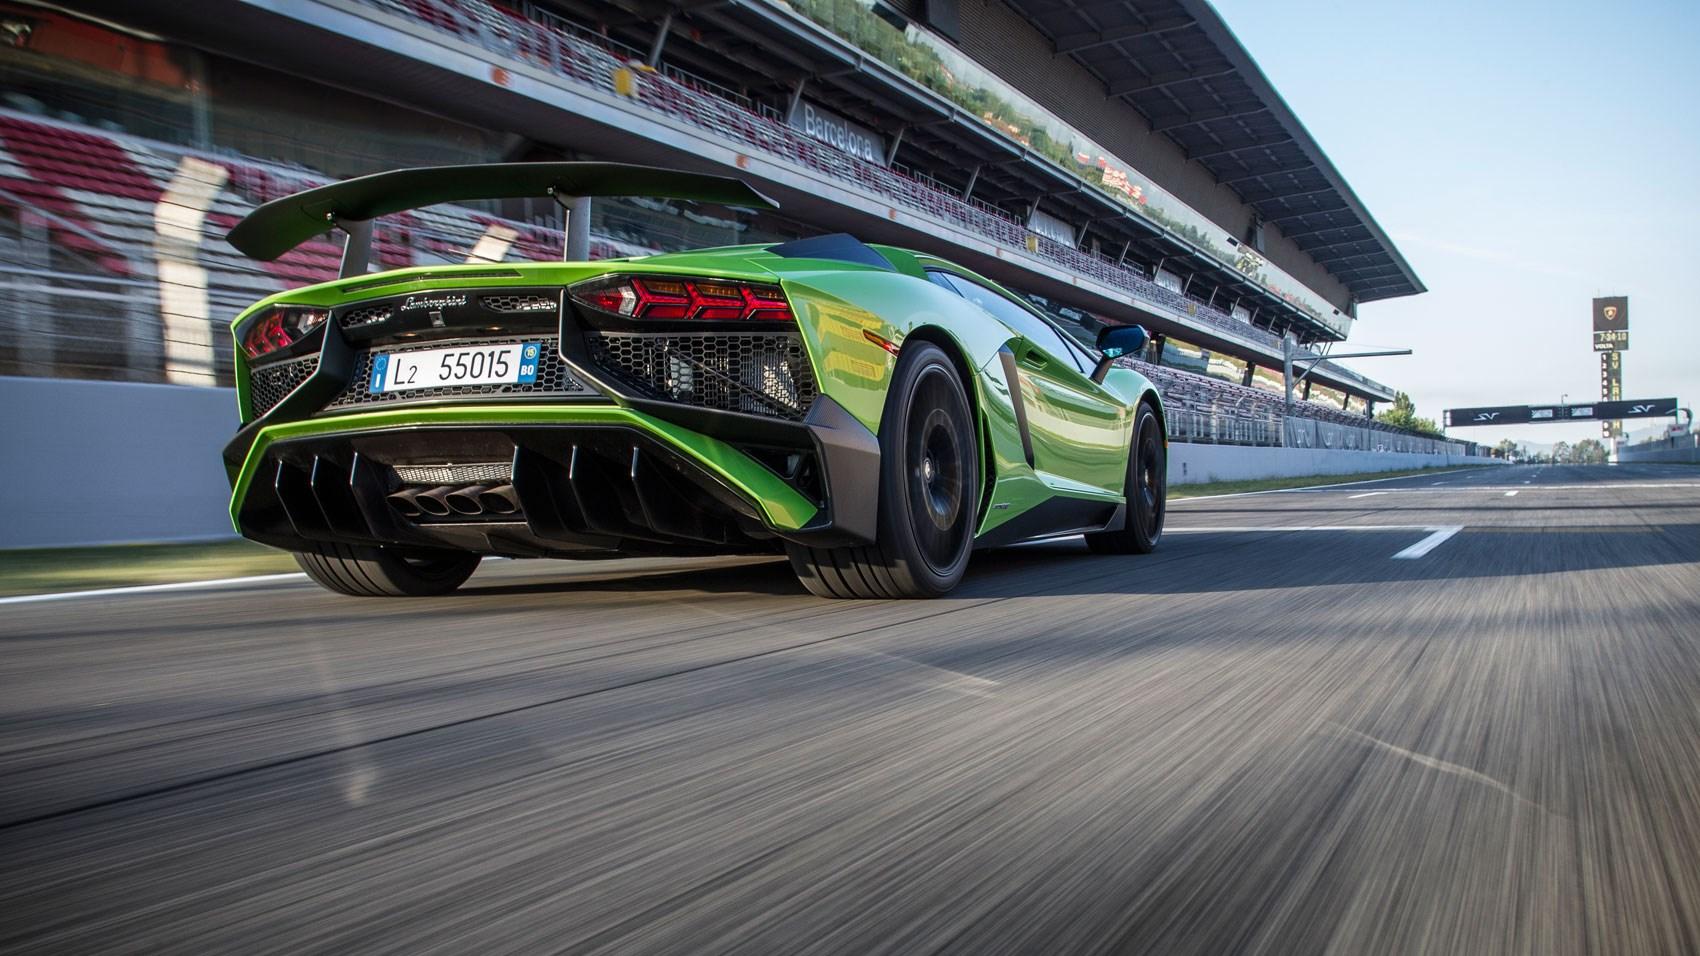 Chevrolet Lease Deals >> Lamborghini Aventador SV (2015) review by CAR Magazine